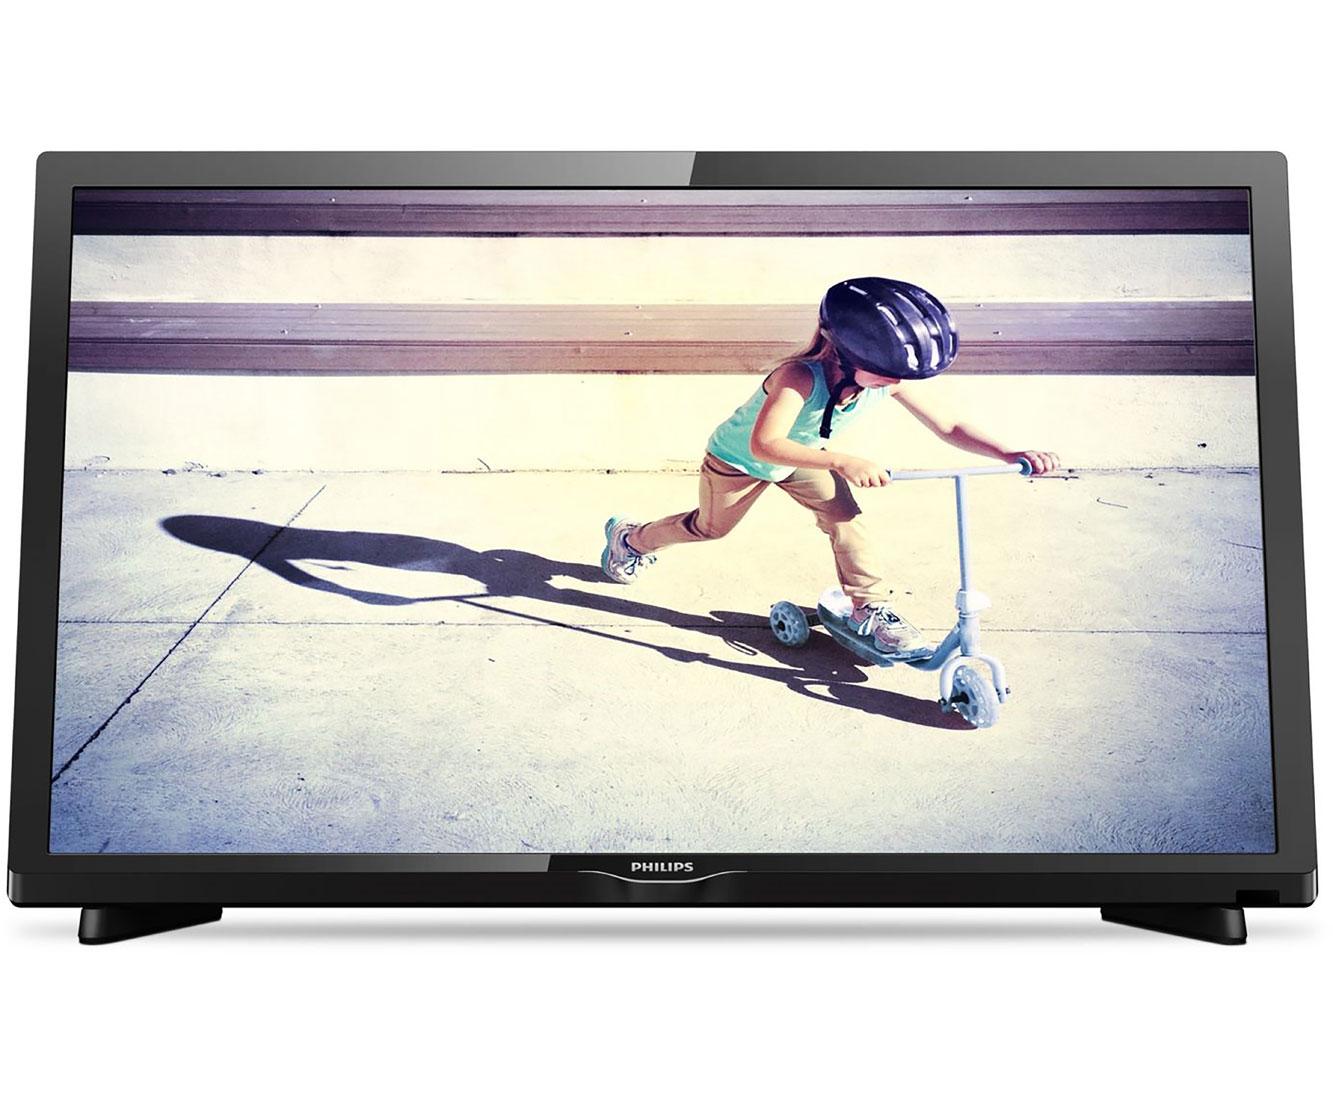 Philips TV 4200 Serie 22PFS4232 Fernseher - Sch...